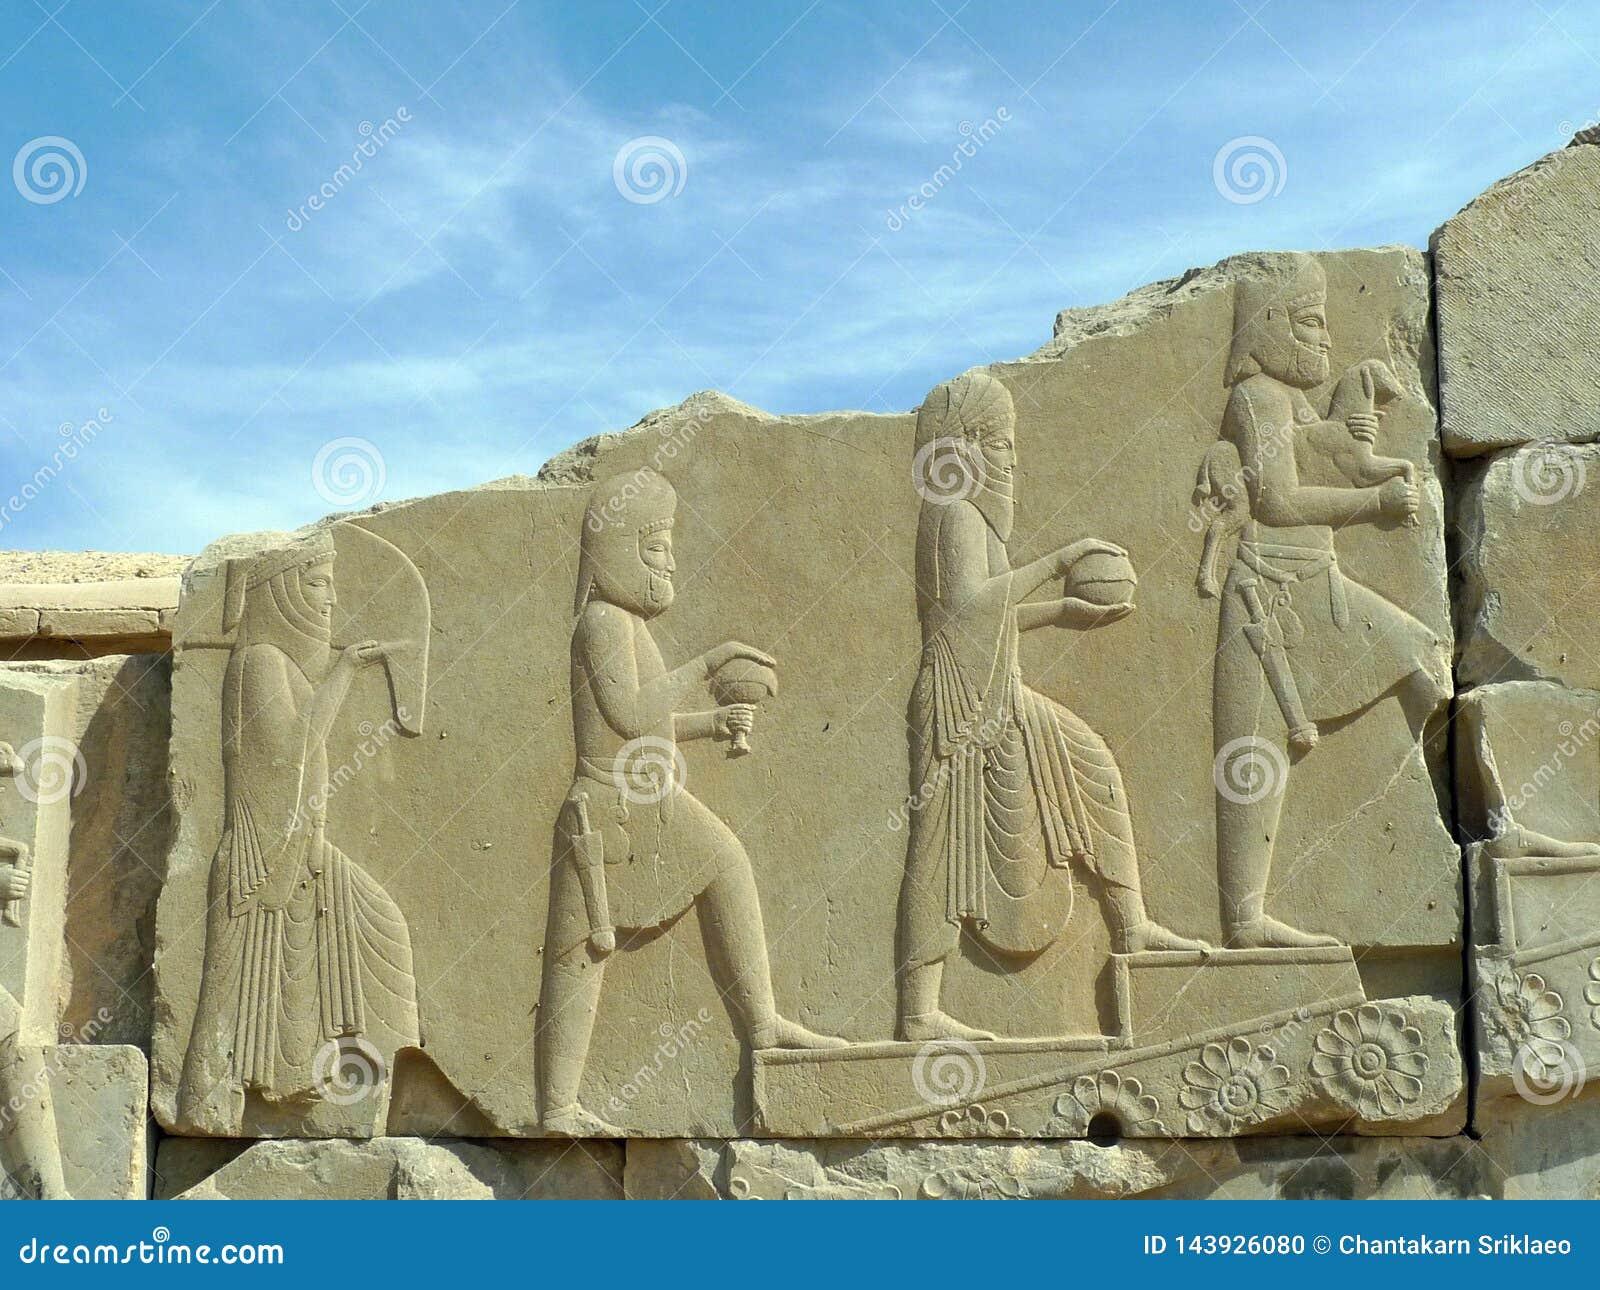 Le bas-relief des personnes des muti-nations offrent des hommages au roi persan